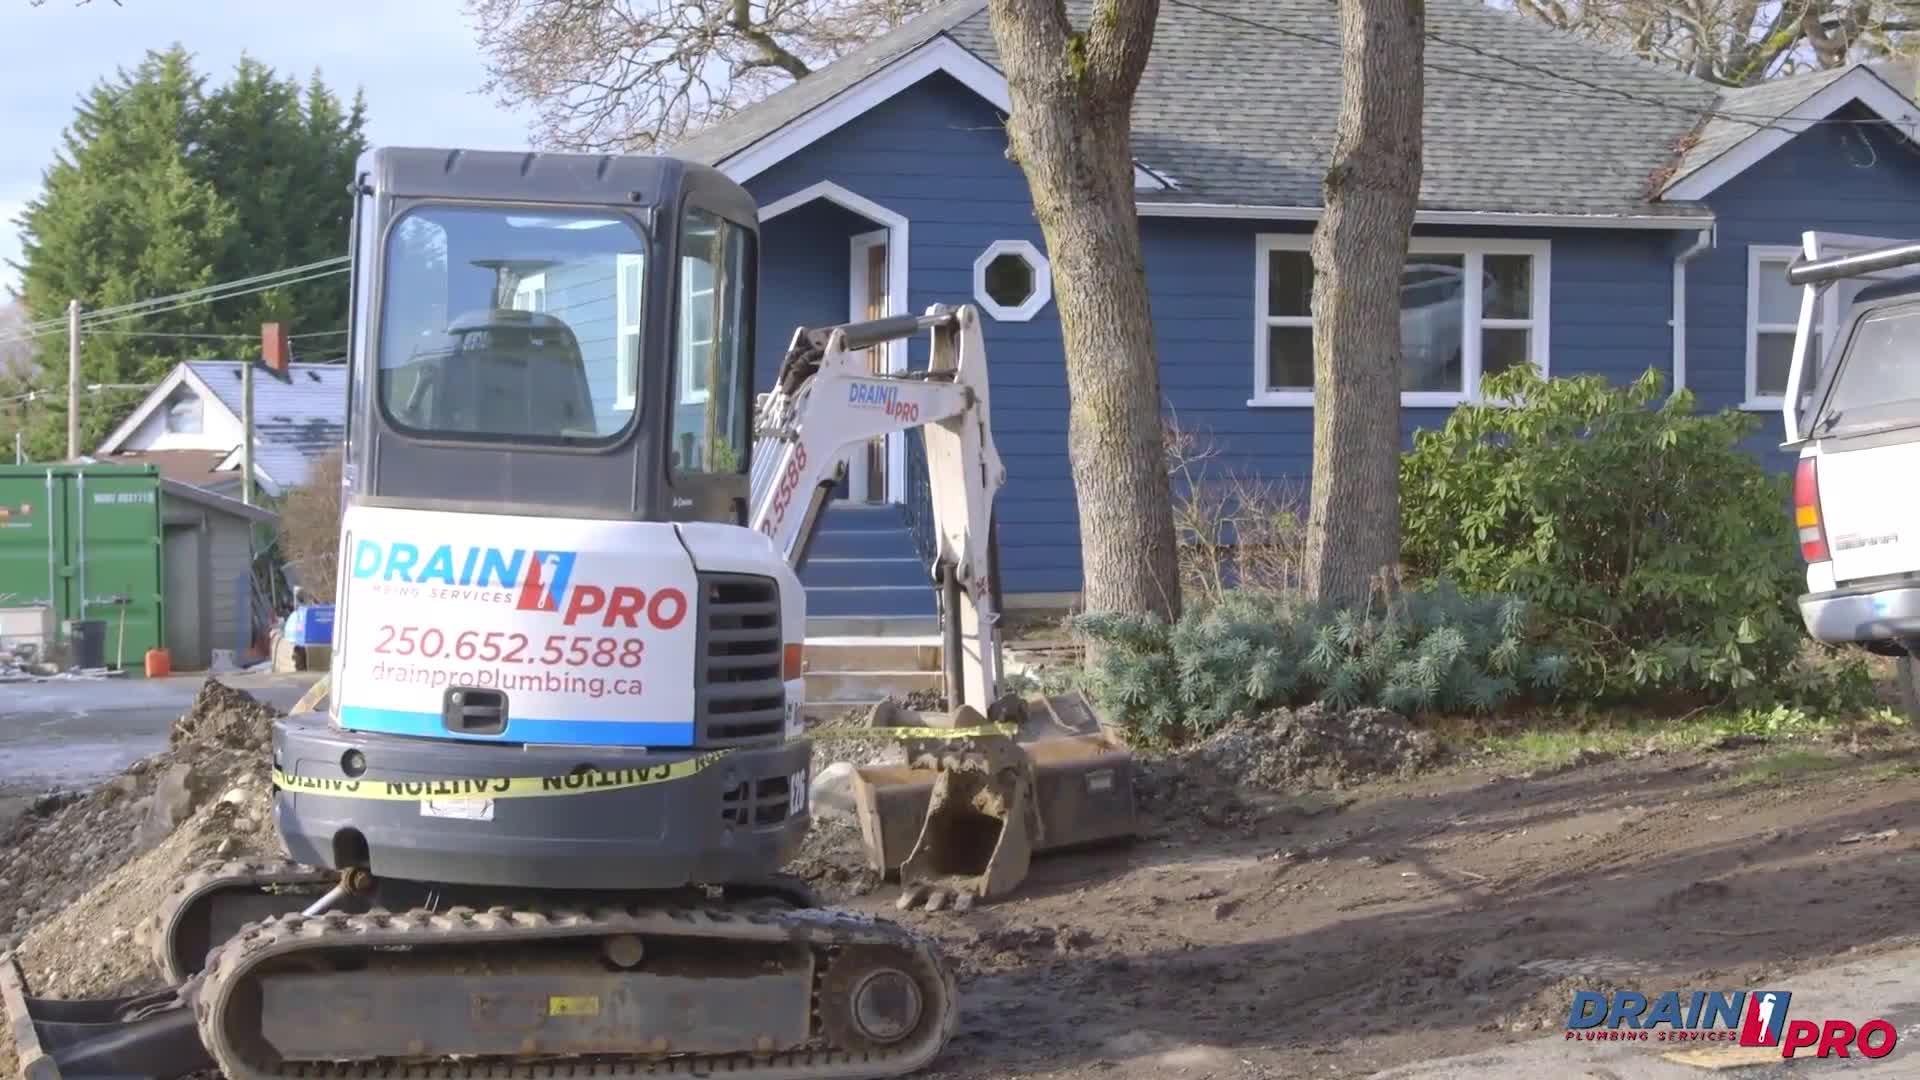 Drain Pro - Plumbers & Plumbing Contractors - 2506525588